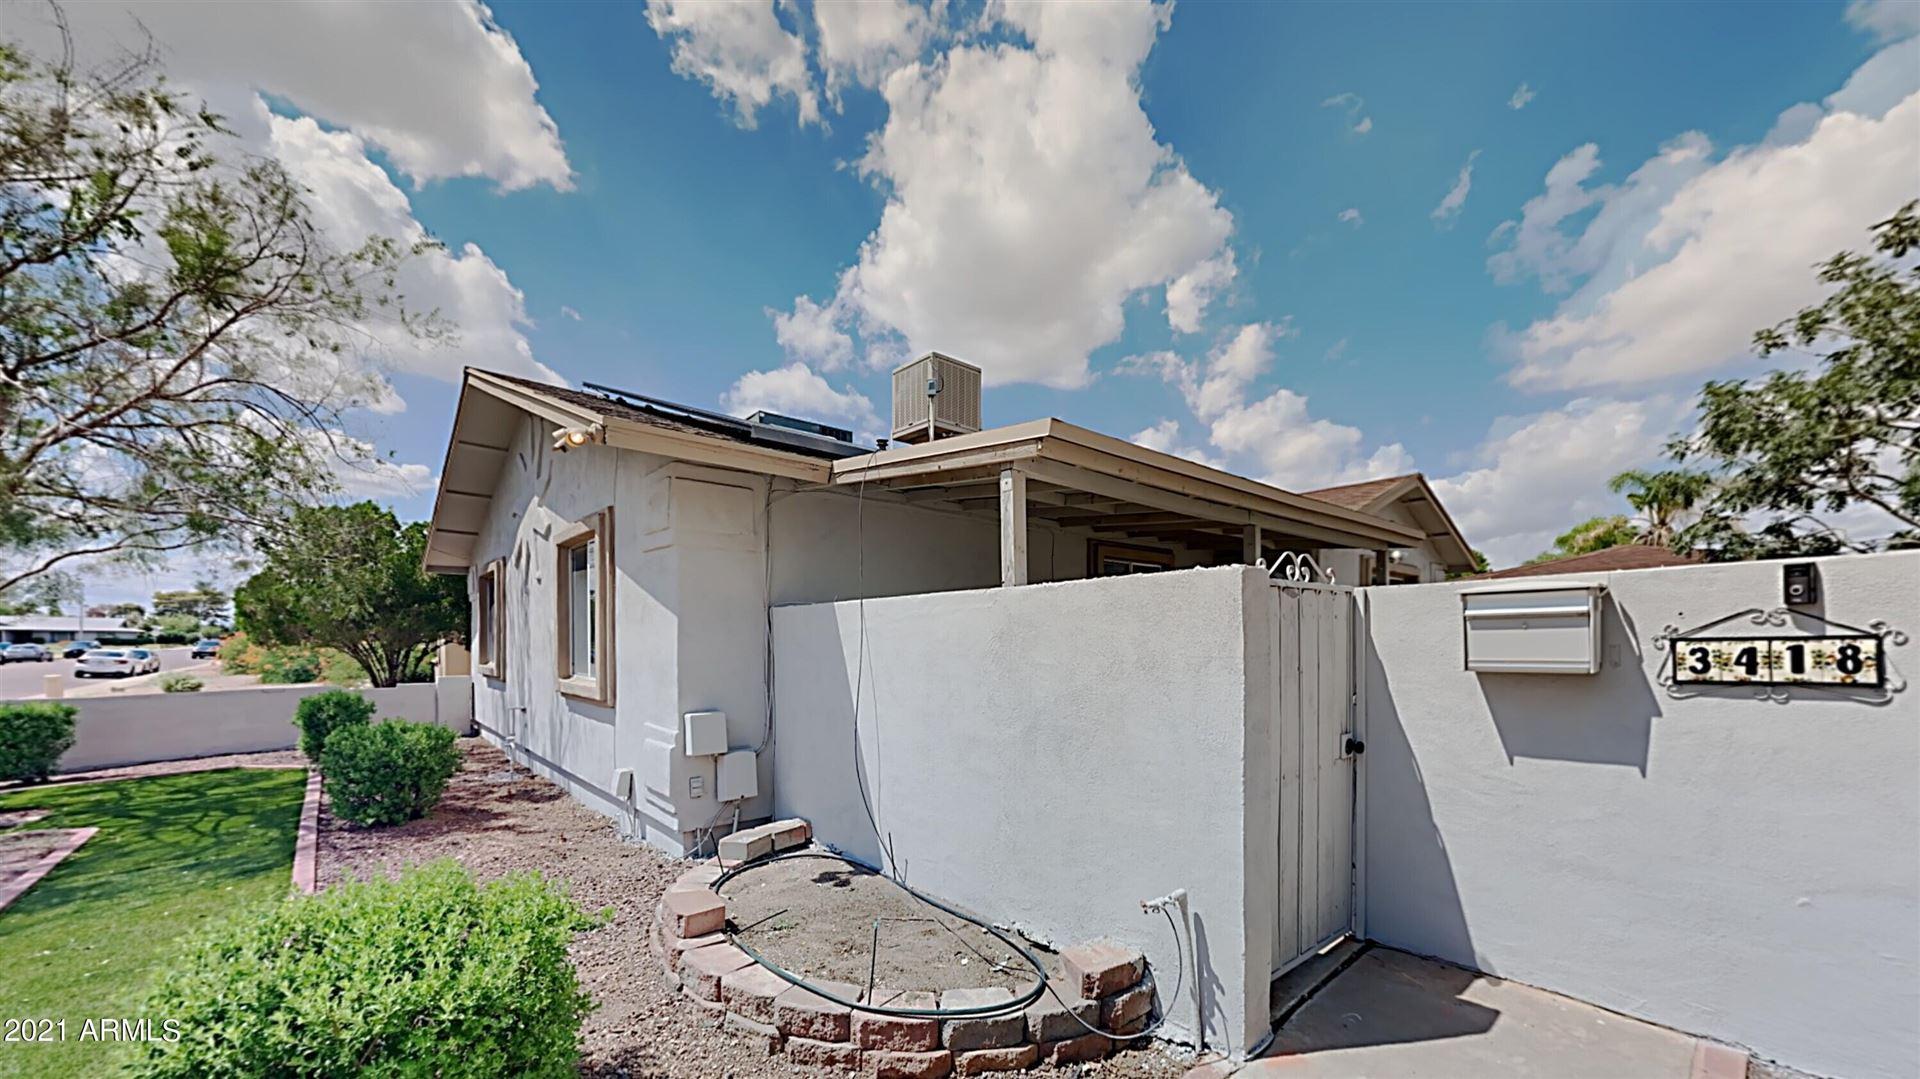 3418 W COUNTRY GABLES Drive, Phoenix, AZ 85053 - MLS#: 6290670